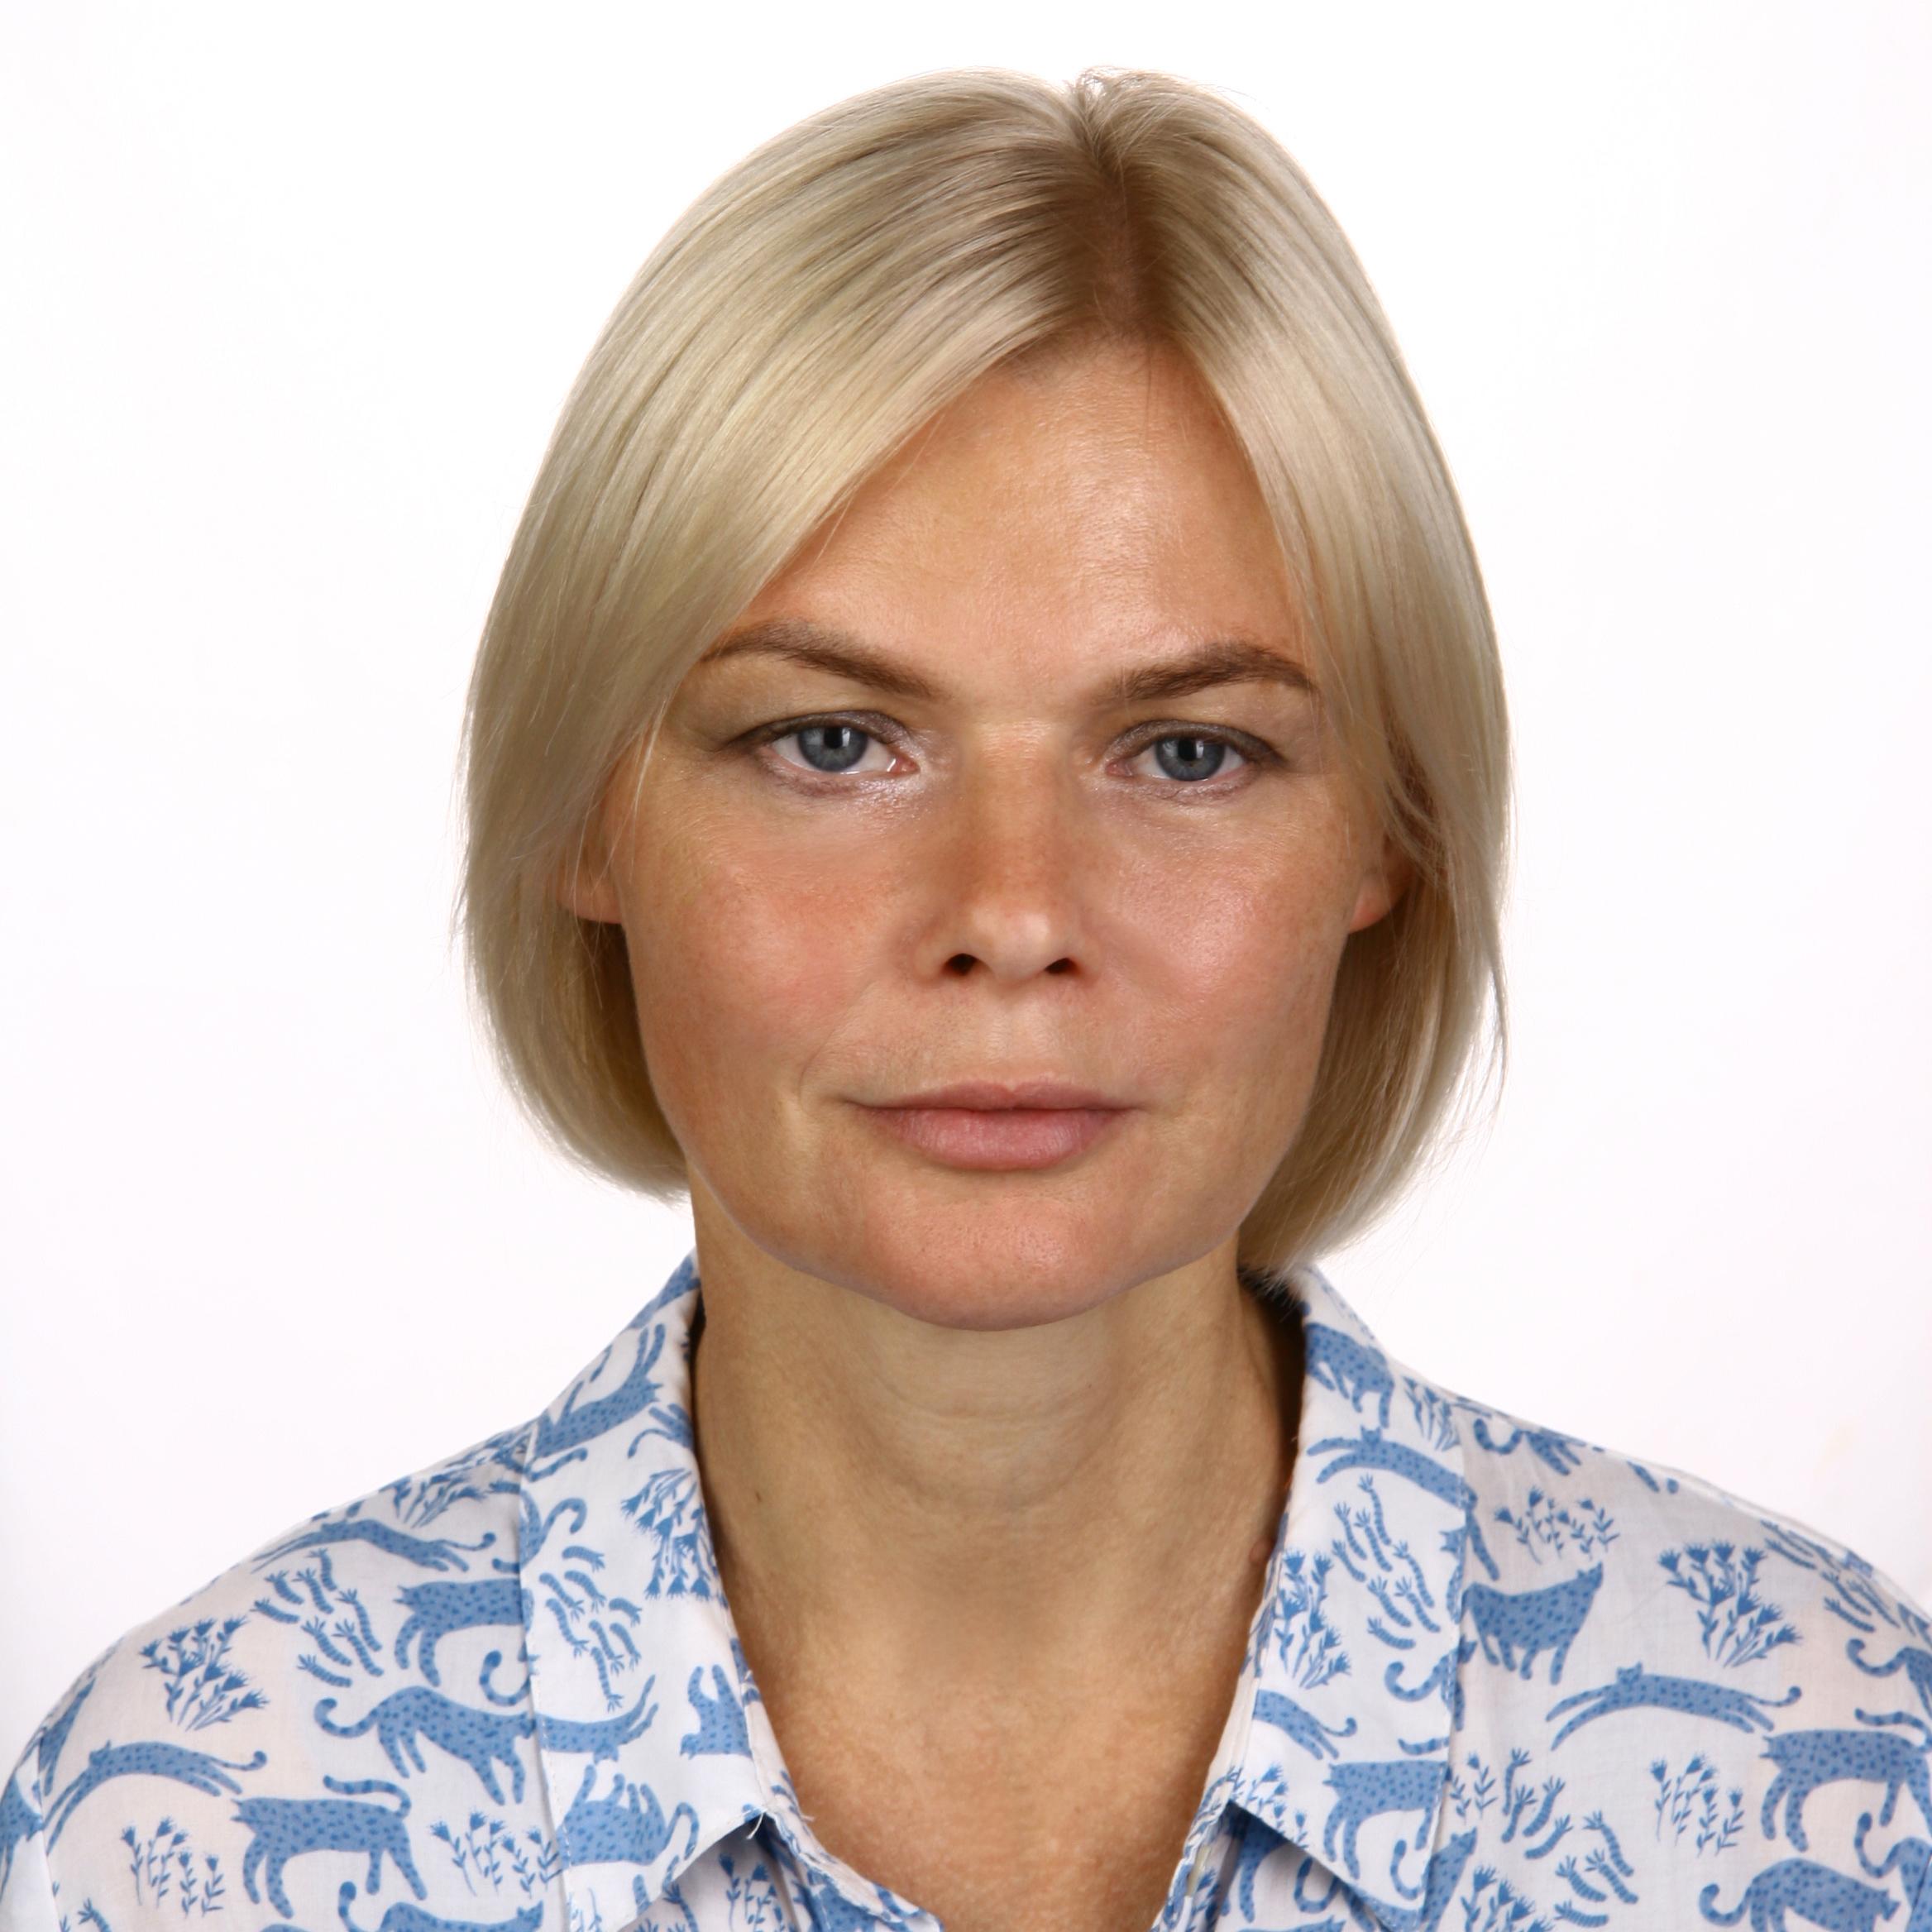 Сапцова Елизавета